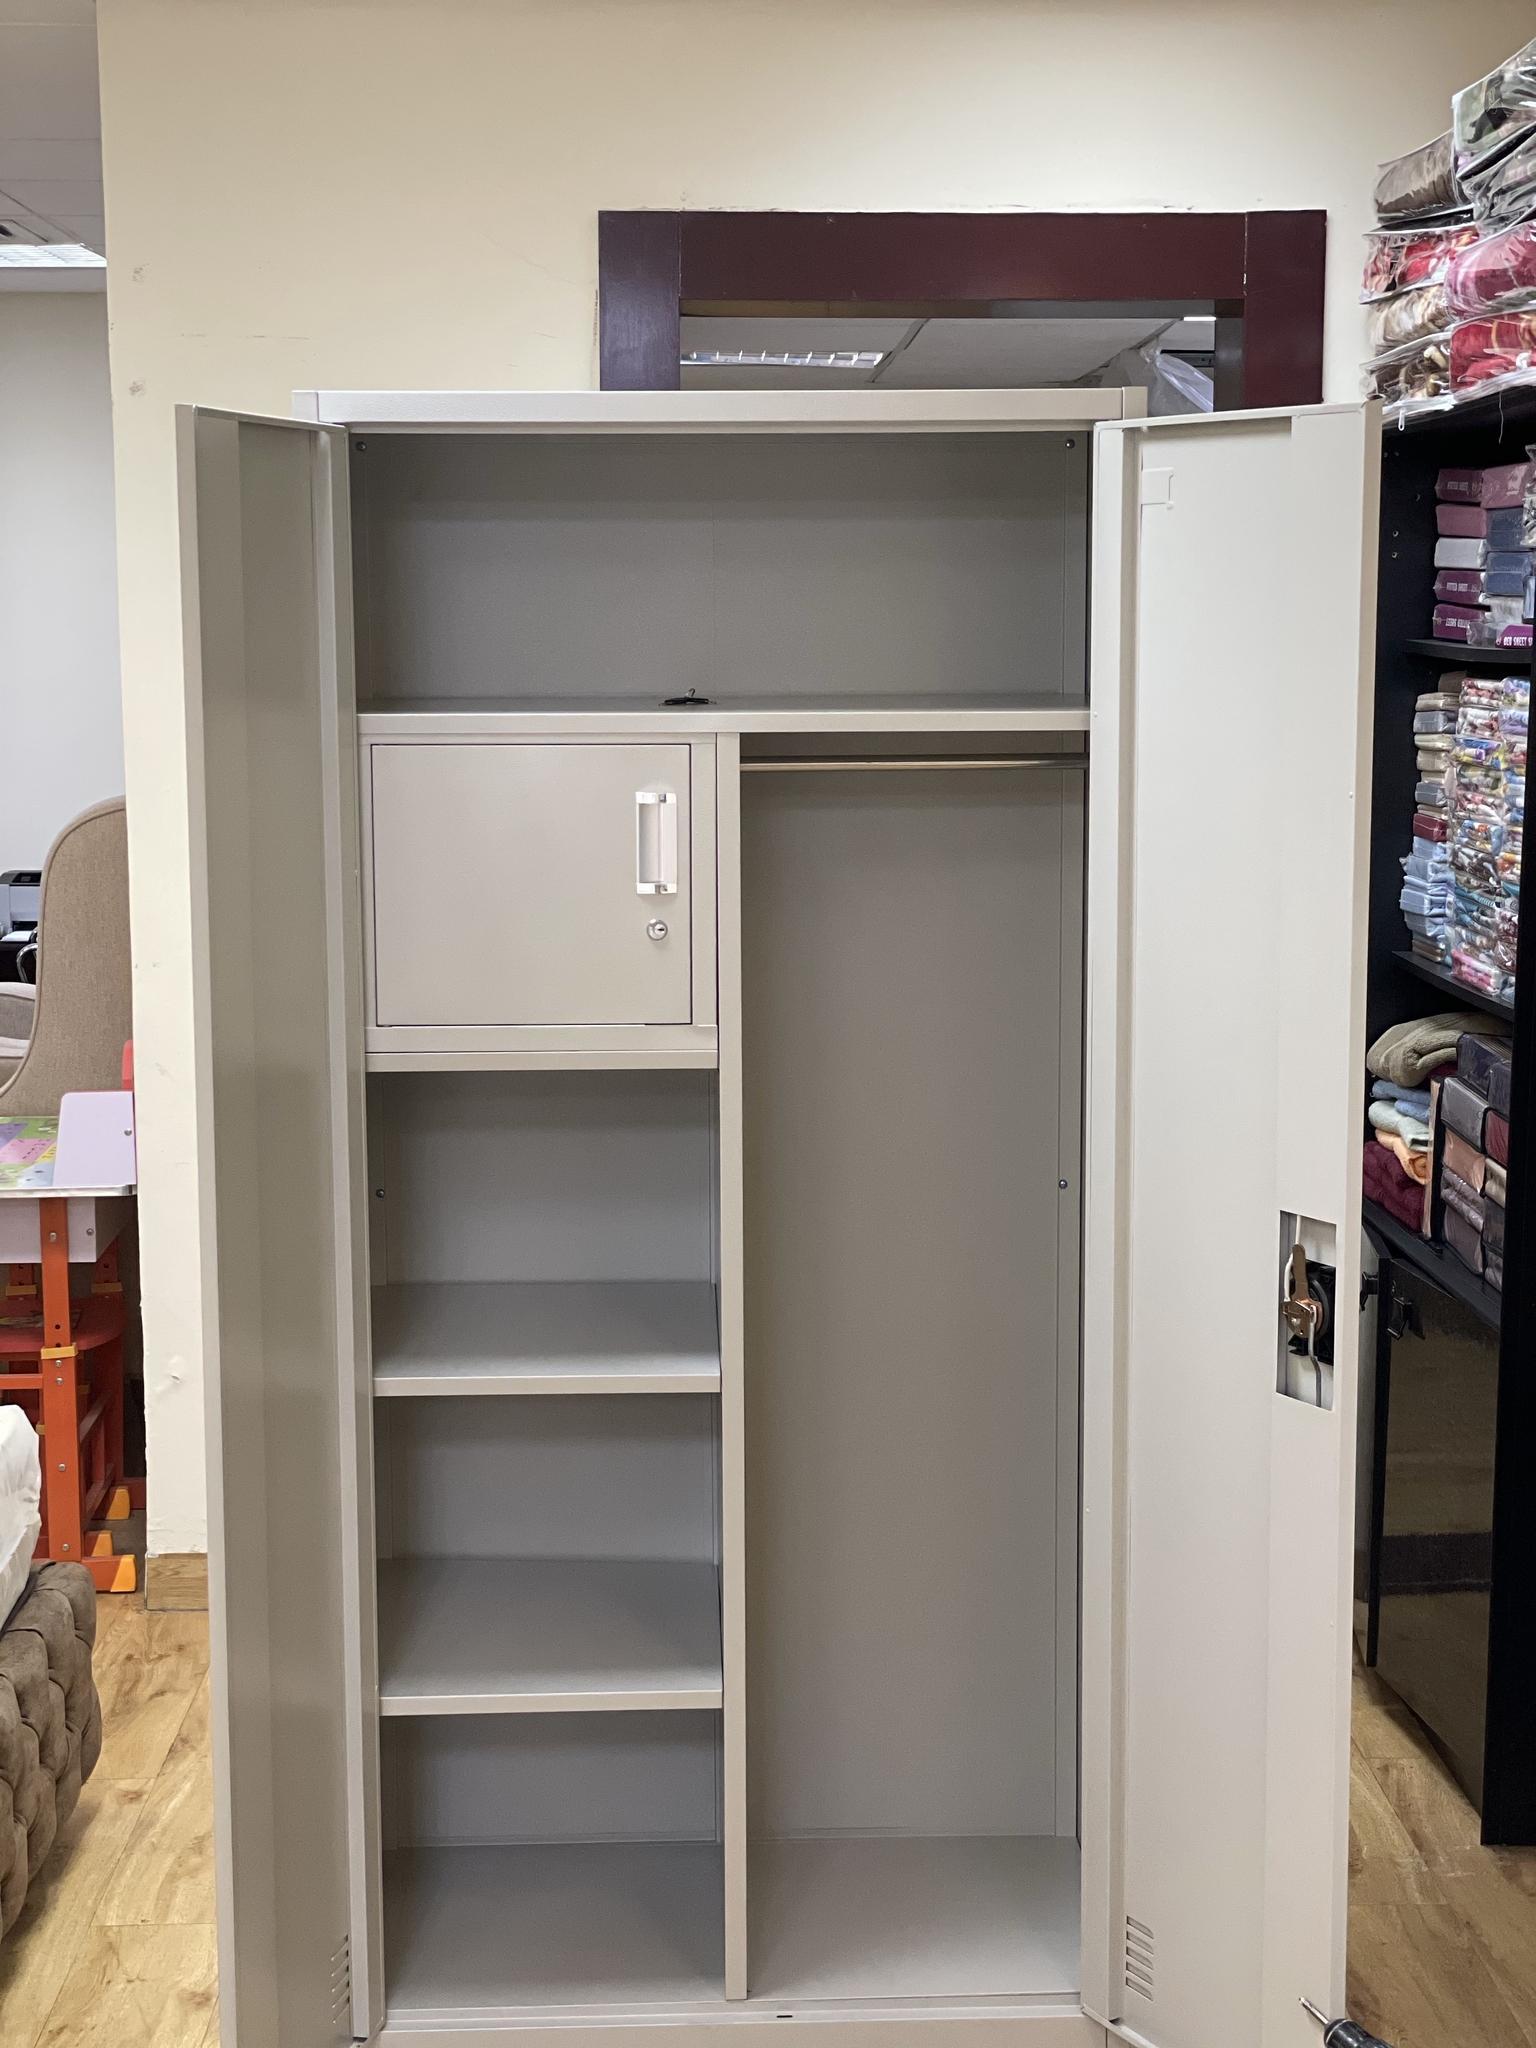 BRAND NEW TWO DOOR STEEL CUPBOARD CONTACT:77850533